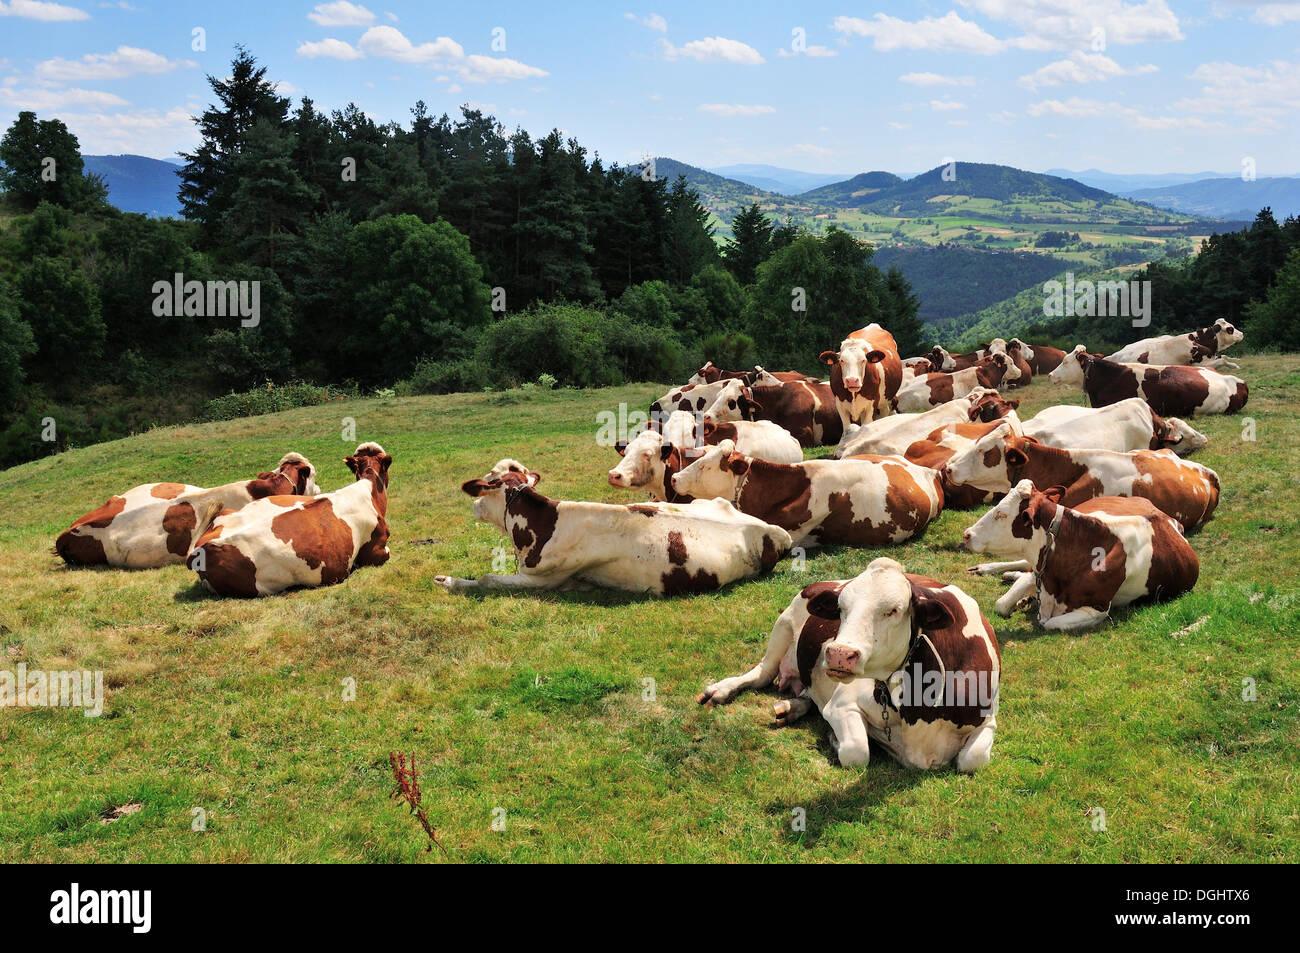 Resting cows on a pasture, near Vorey, Haute-Loire department, Auvergne, France - Stock Image